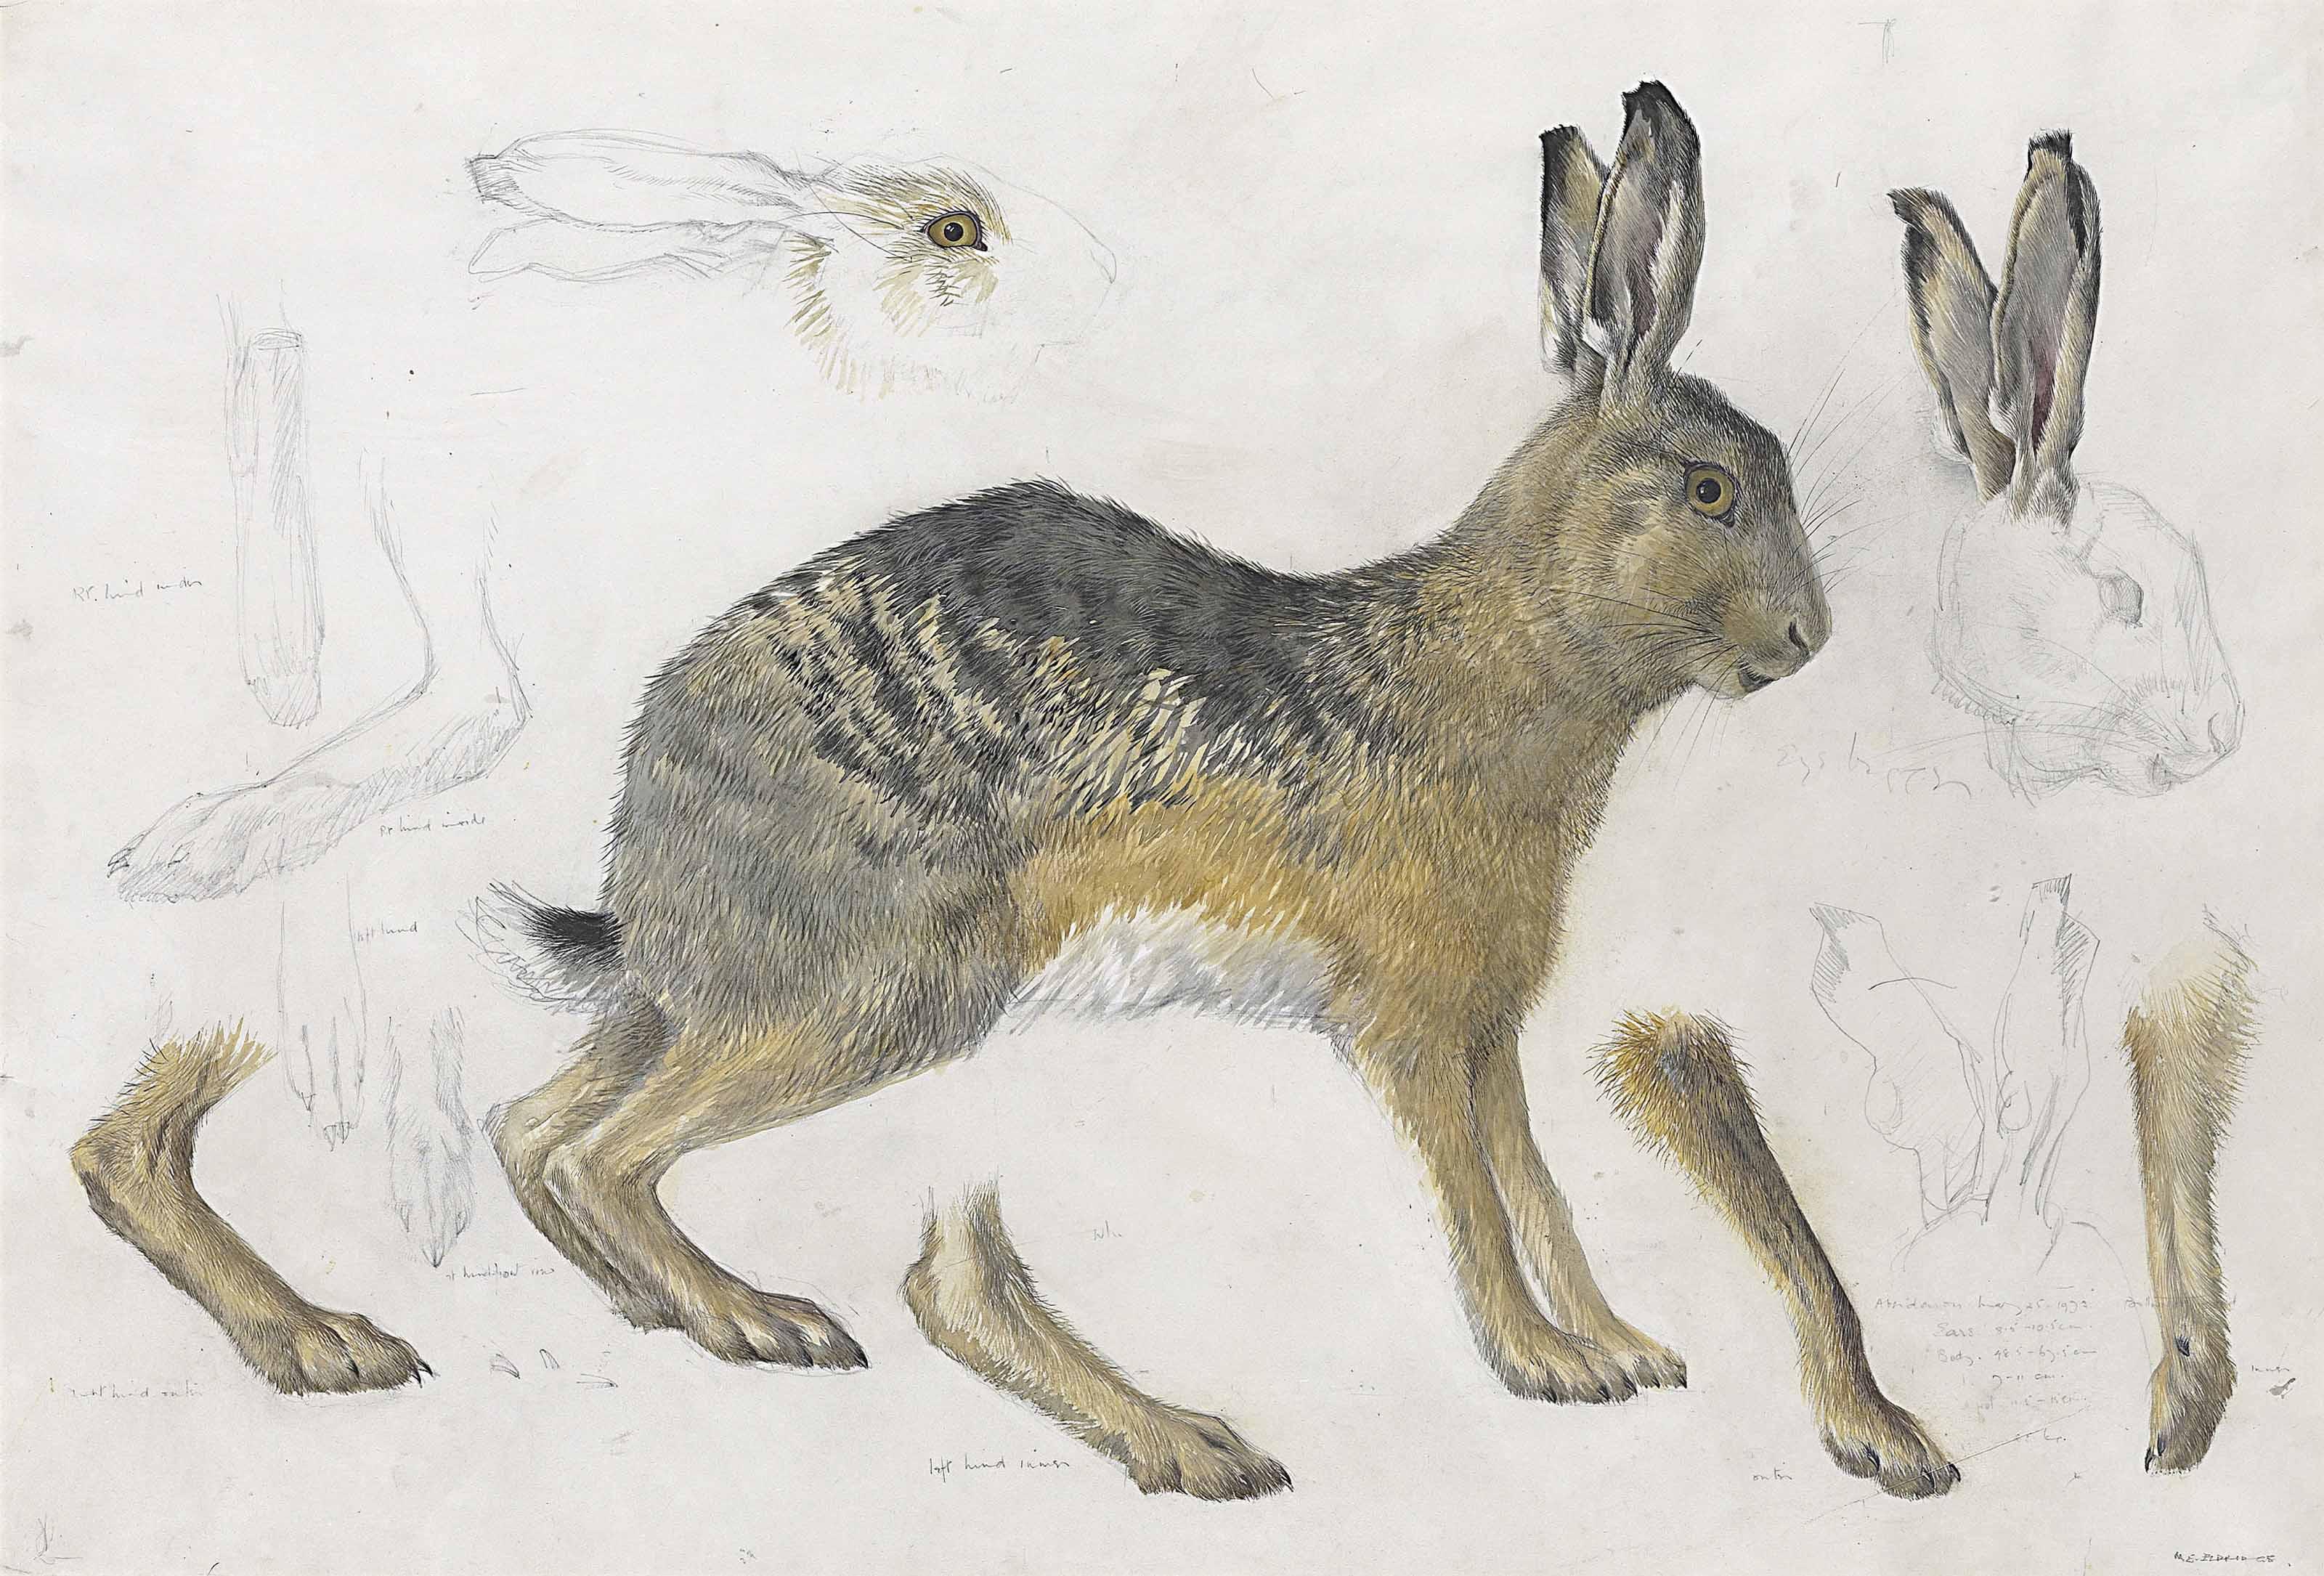 Hare, drawn at Aberdaron, Gwynedd